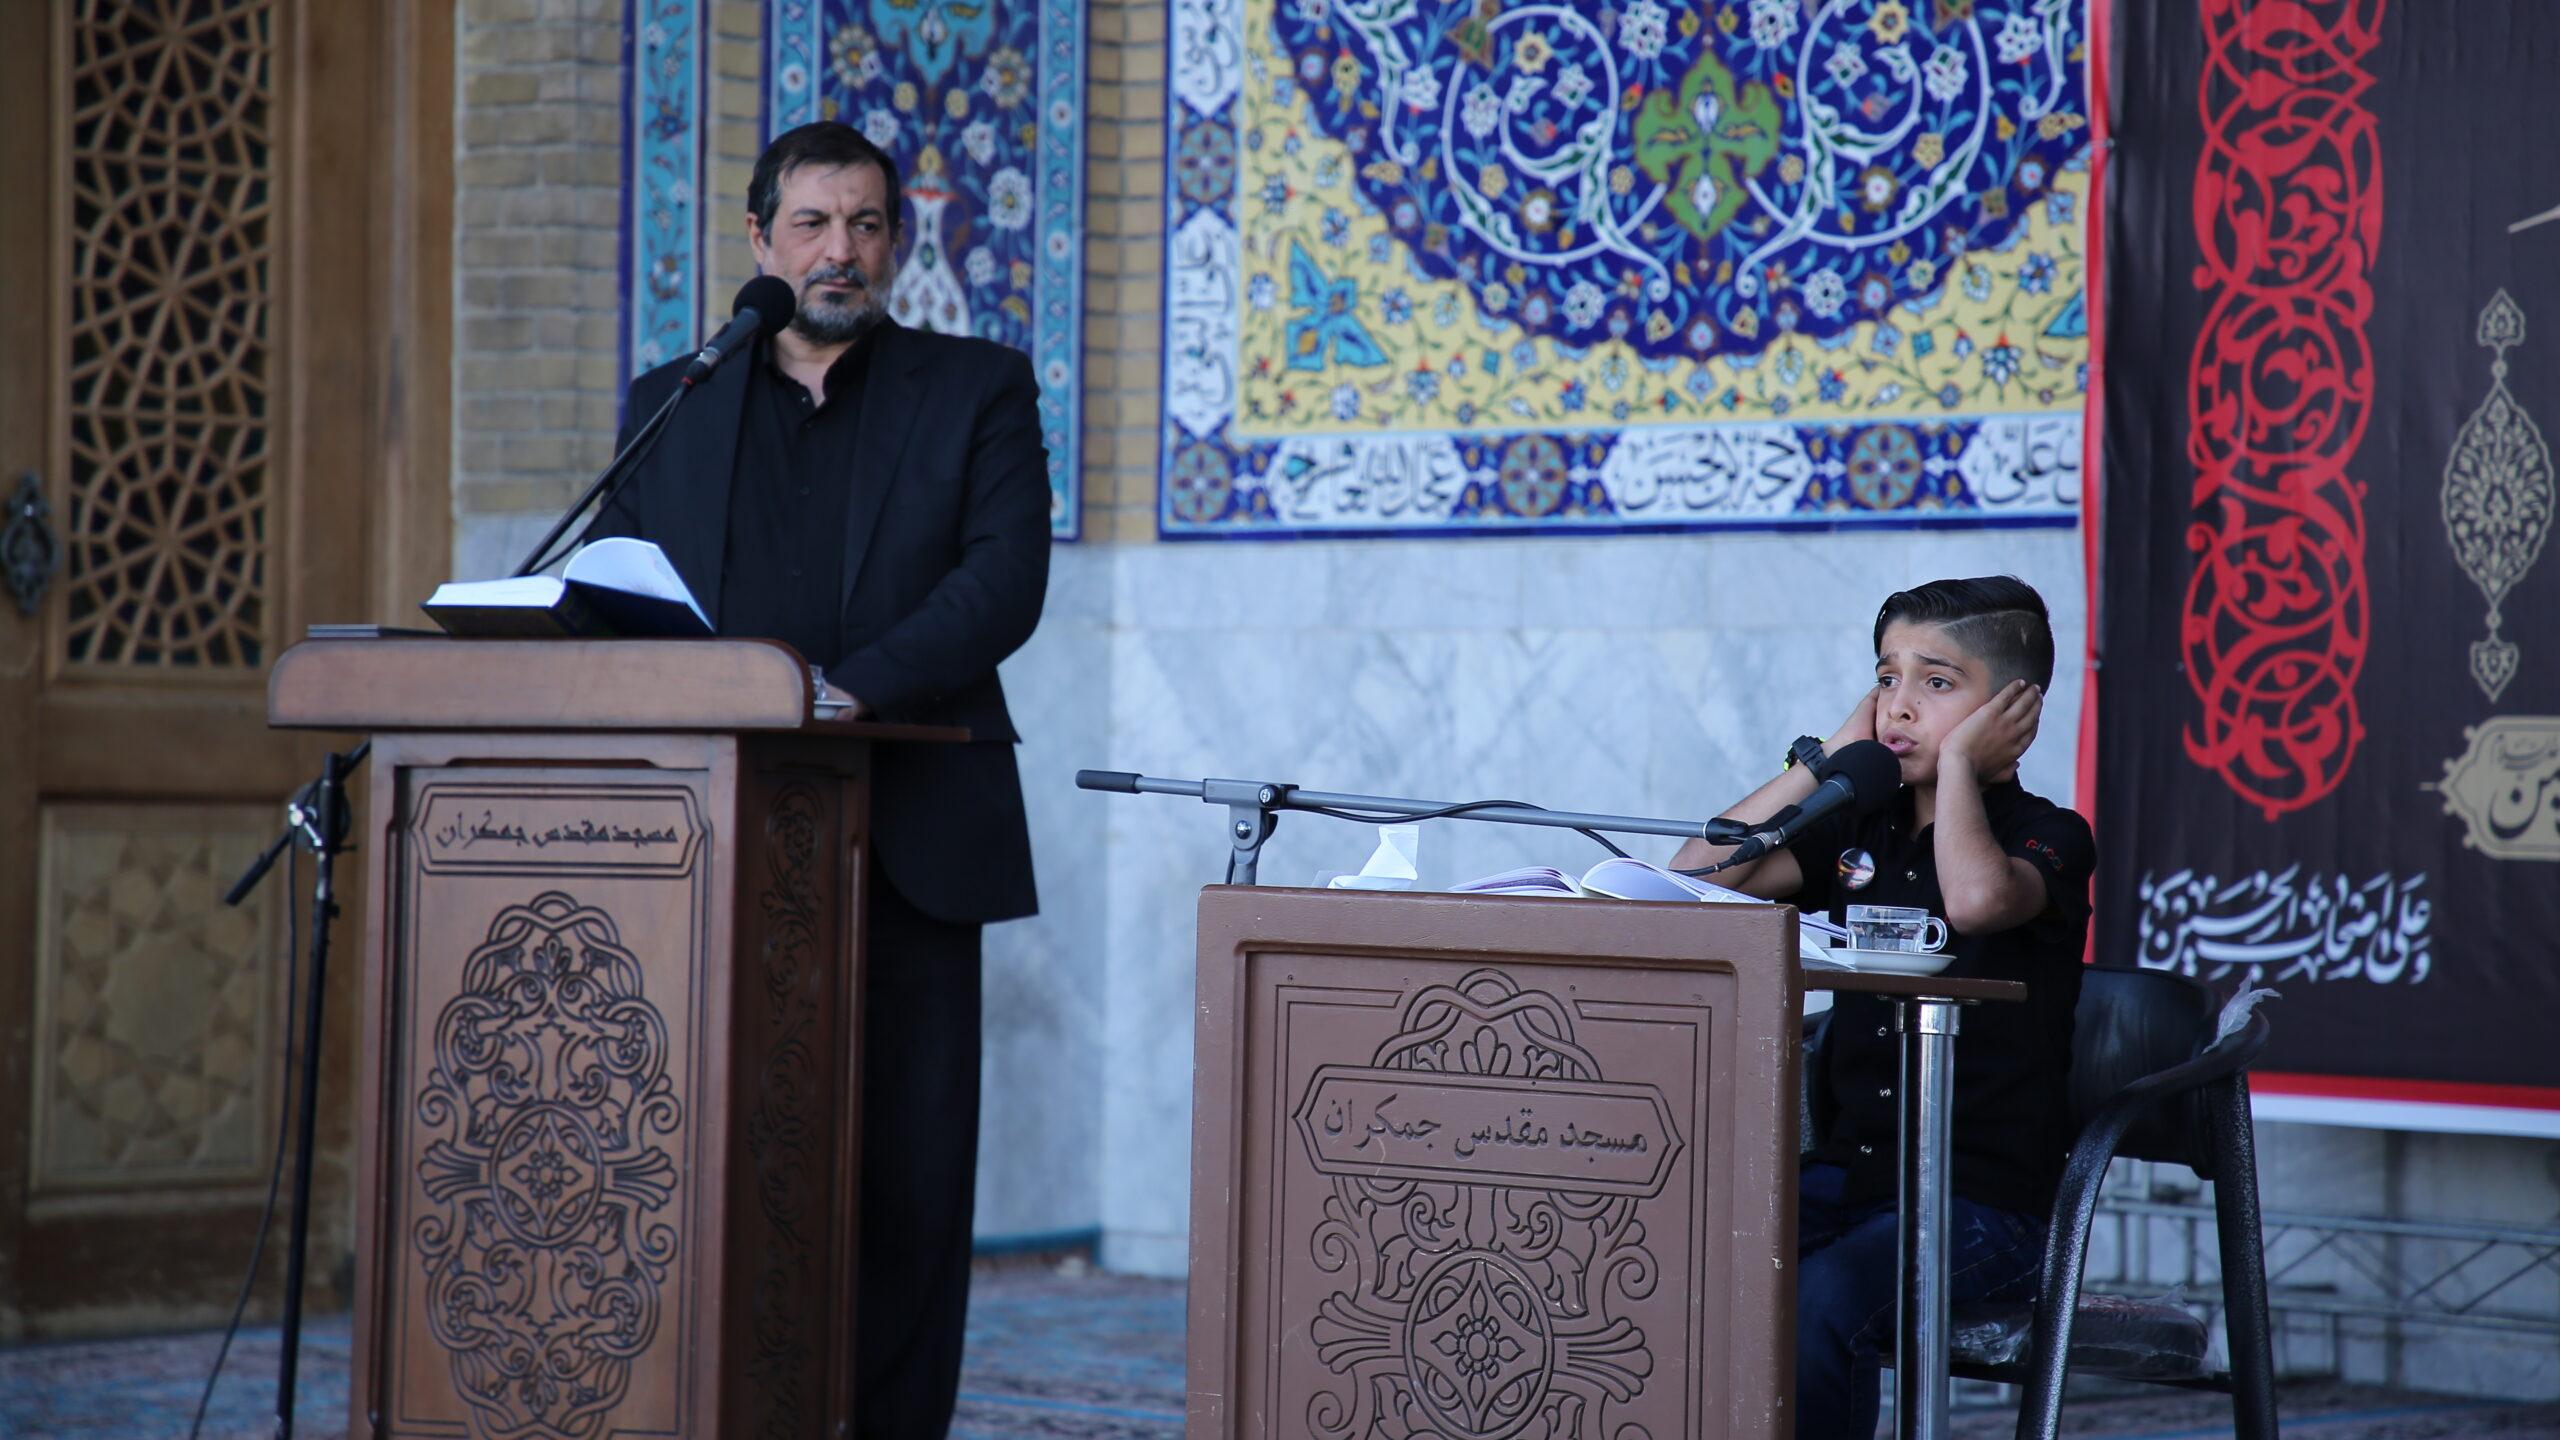 برگزاری محفل انس با قرآن کریم در روز اربعین